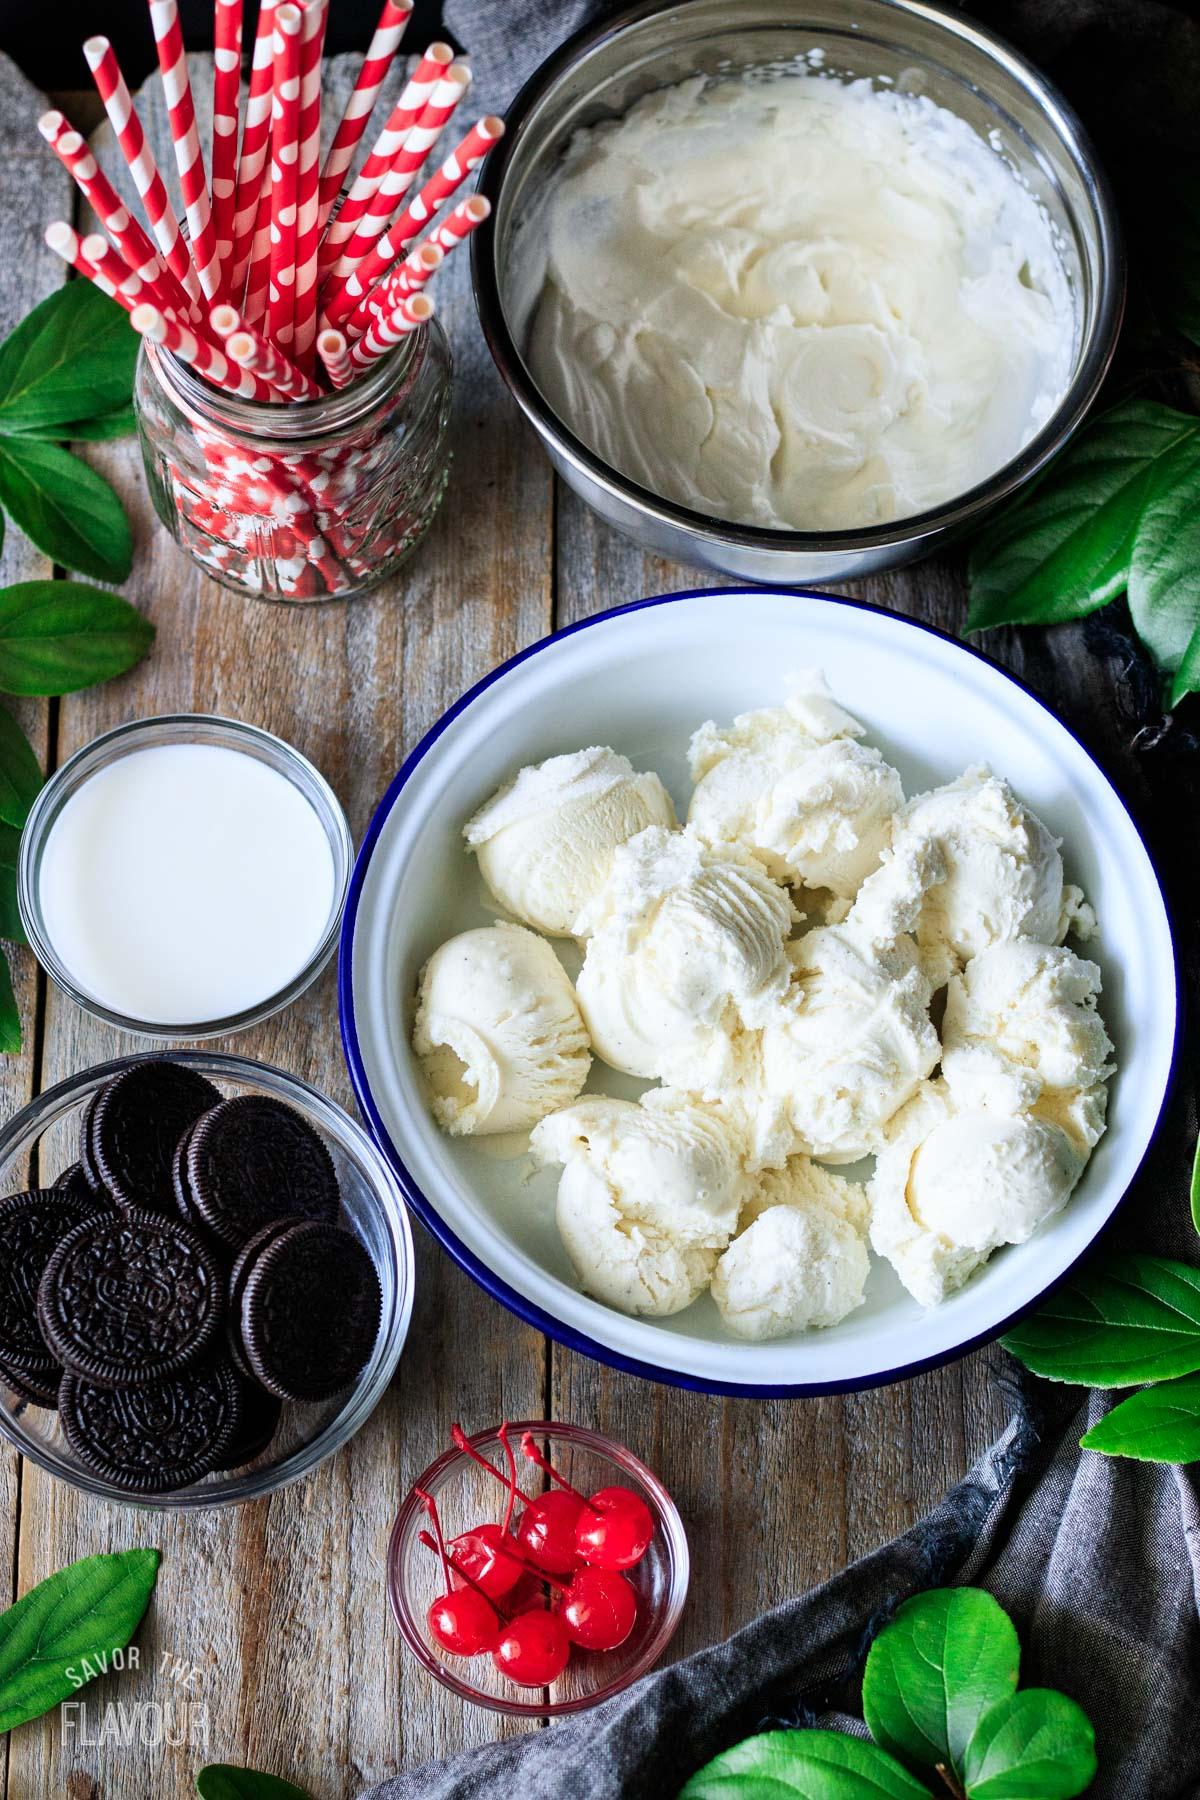 bowls of ingredients for cookies and cream milkshake